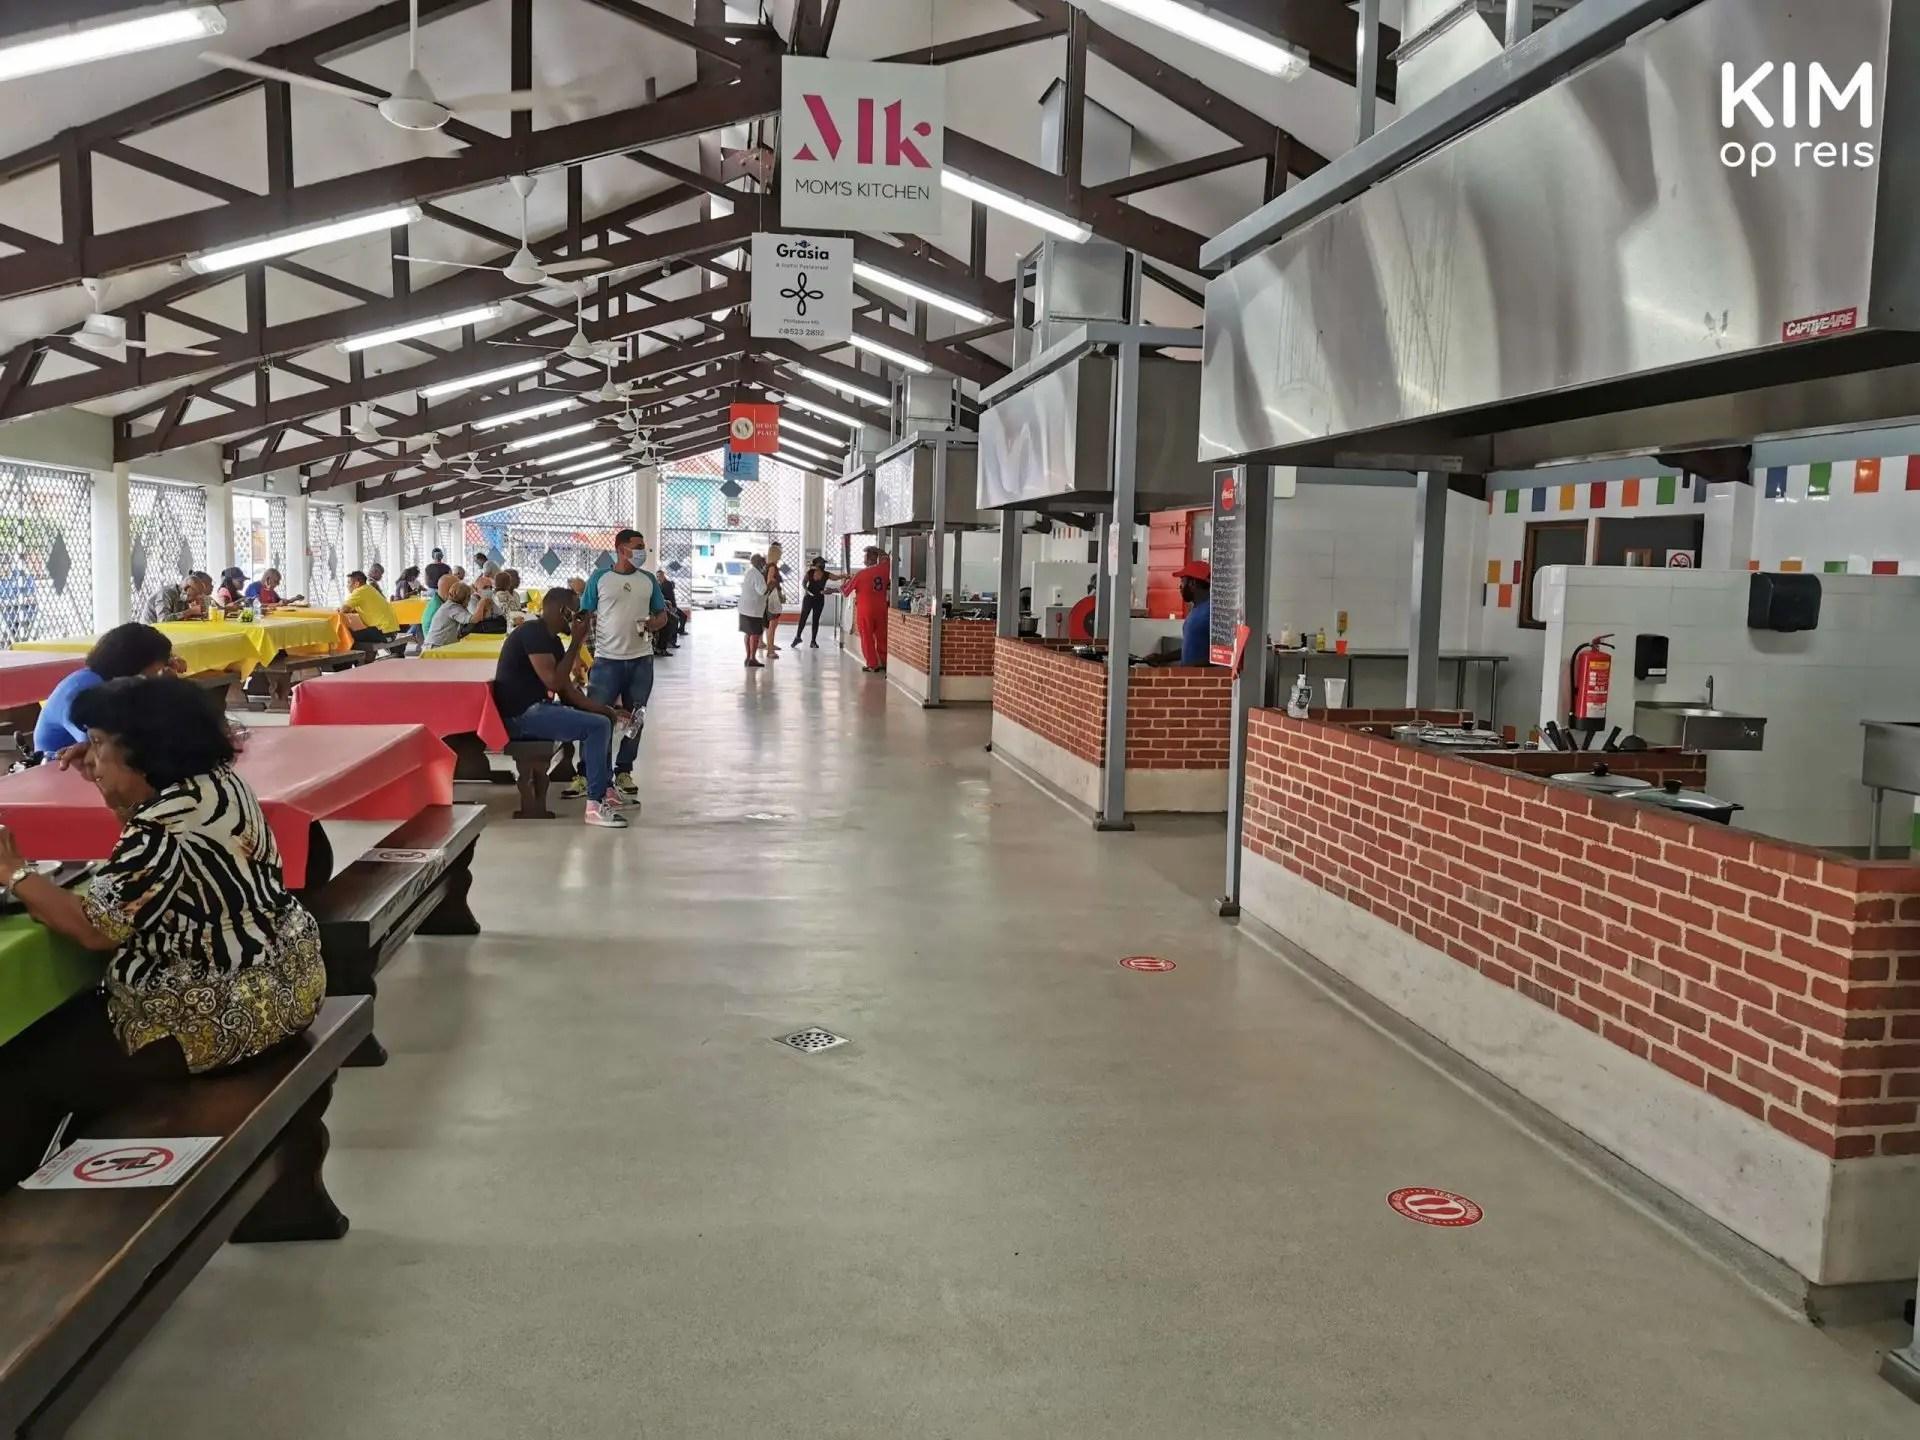 Plasa Bieu markthal restaurants Curaçao: ruim opgezette markthal met links tafeltjes en rechts de keukens